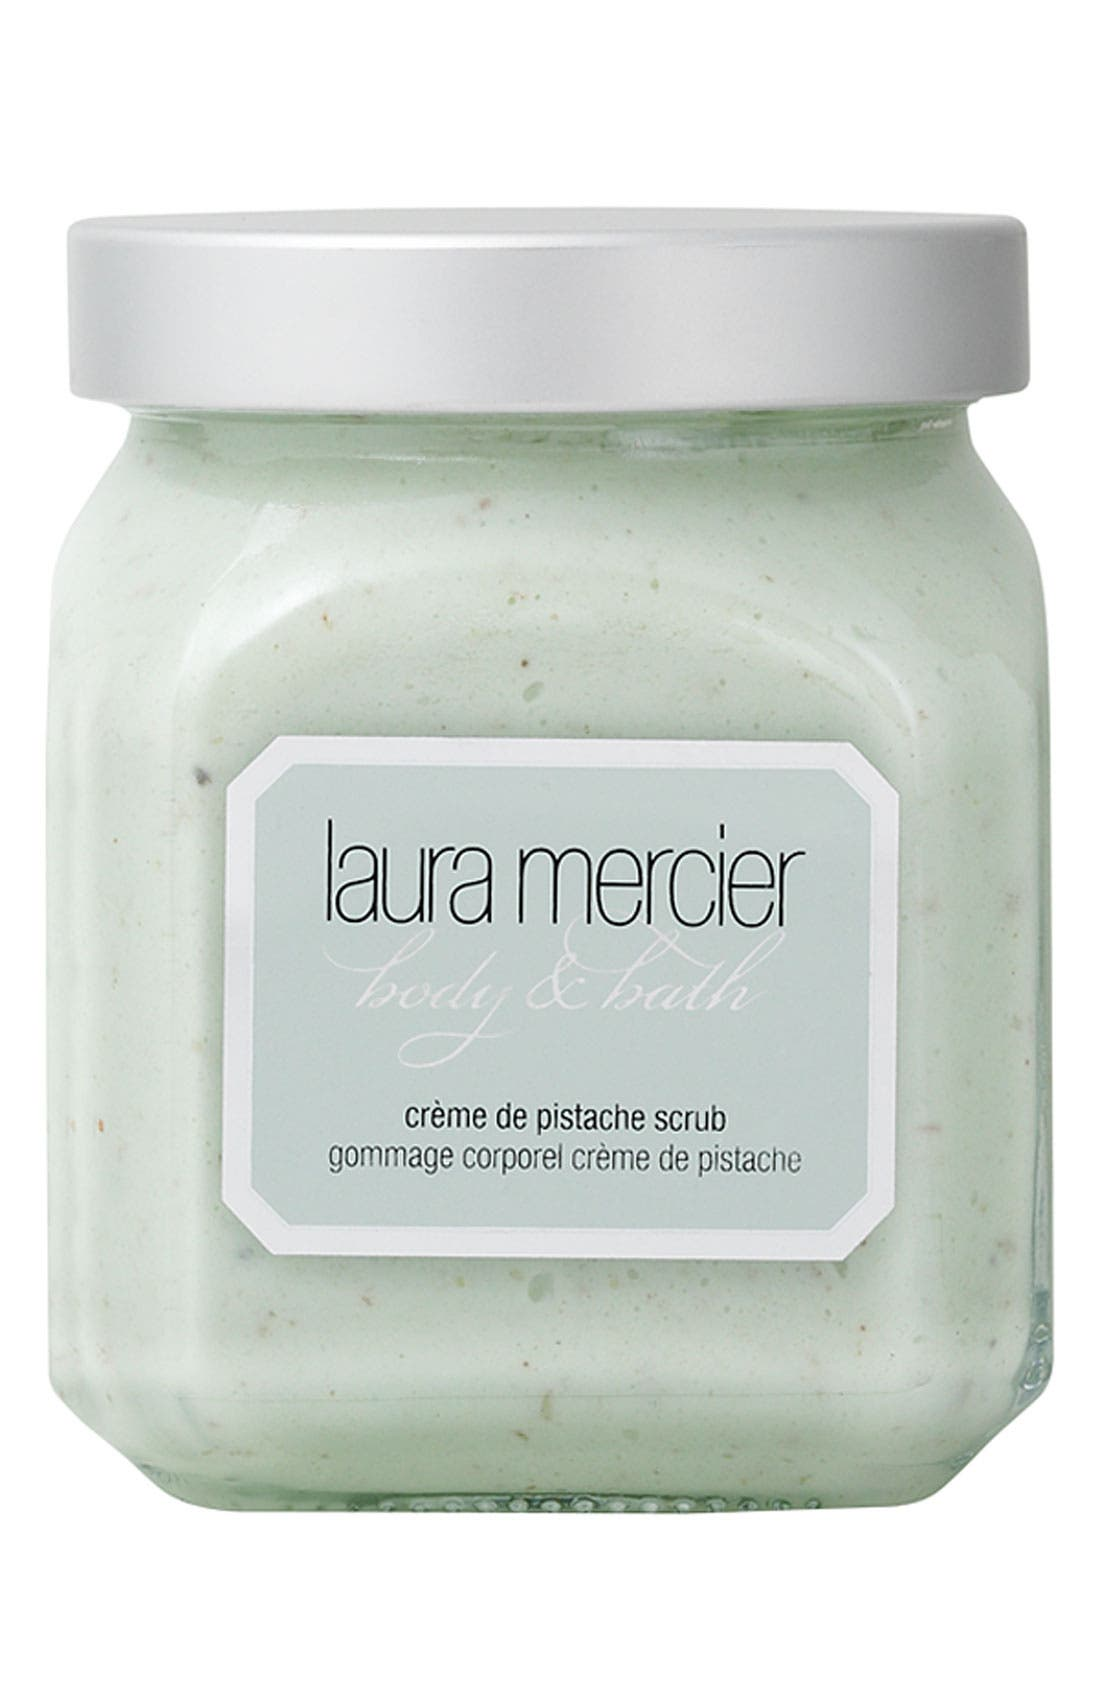 'Crème de Pistache' Scrub,                             Main thumbnail 1, color,                             000